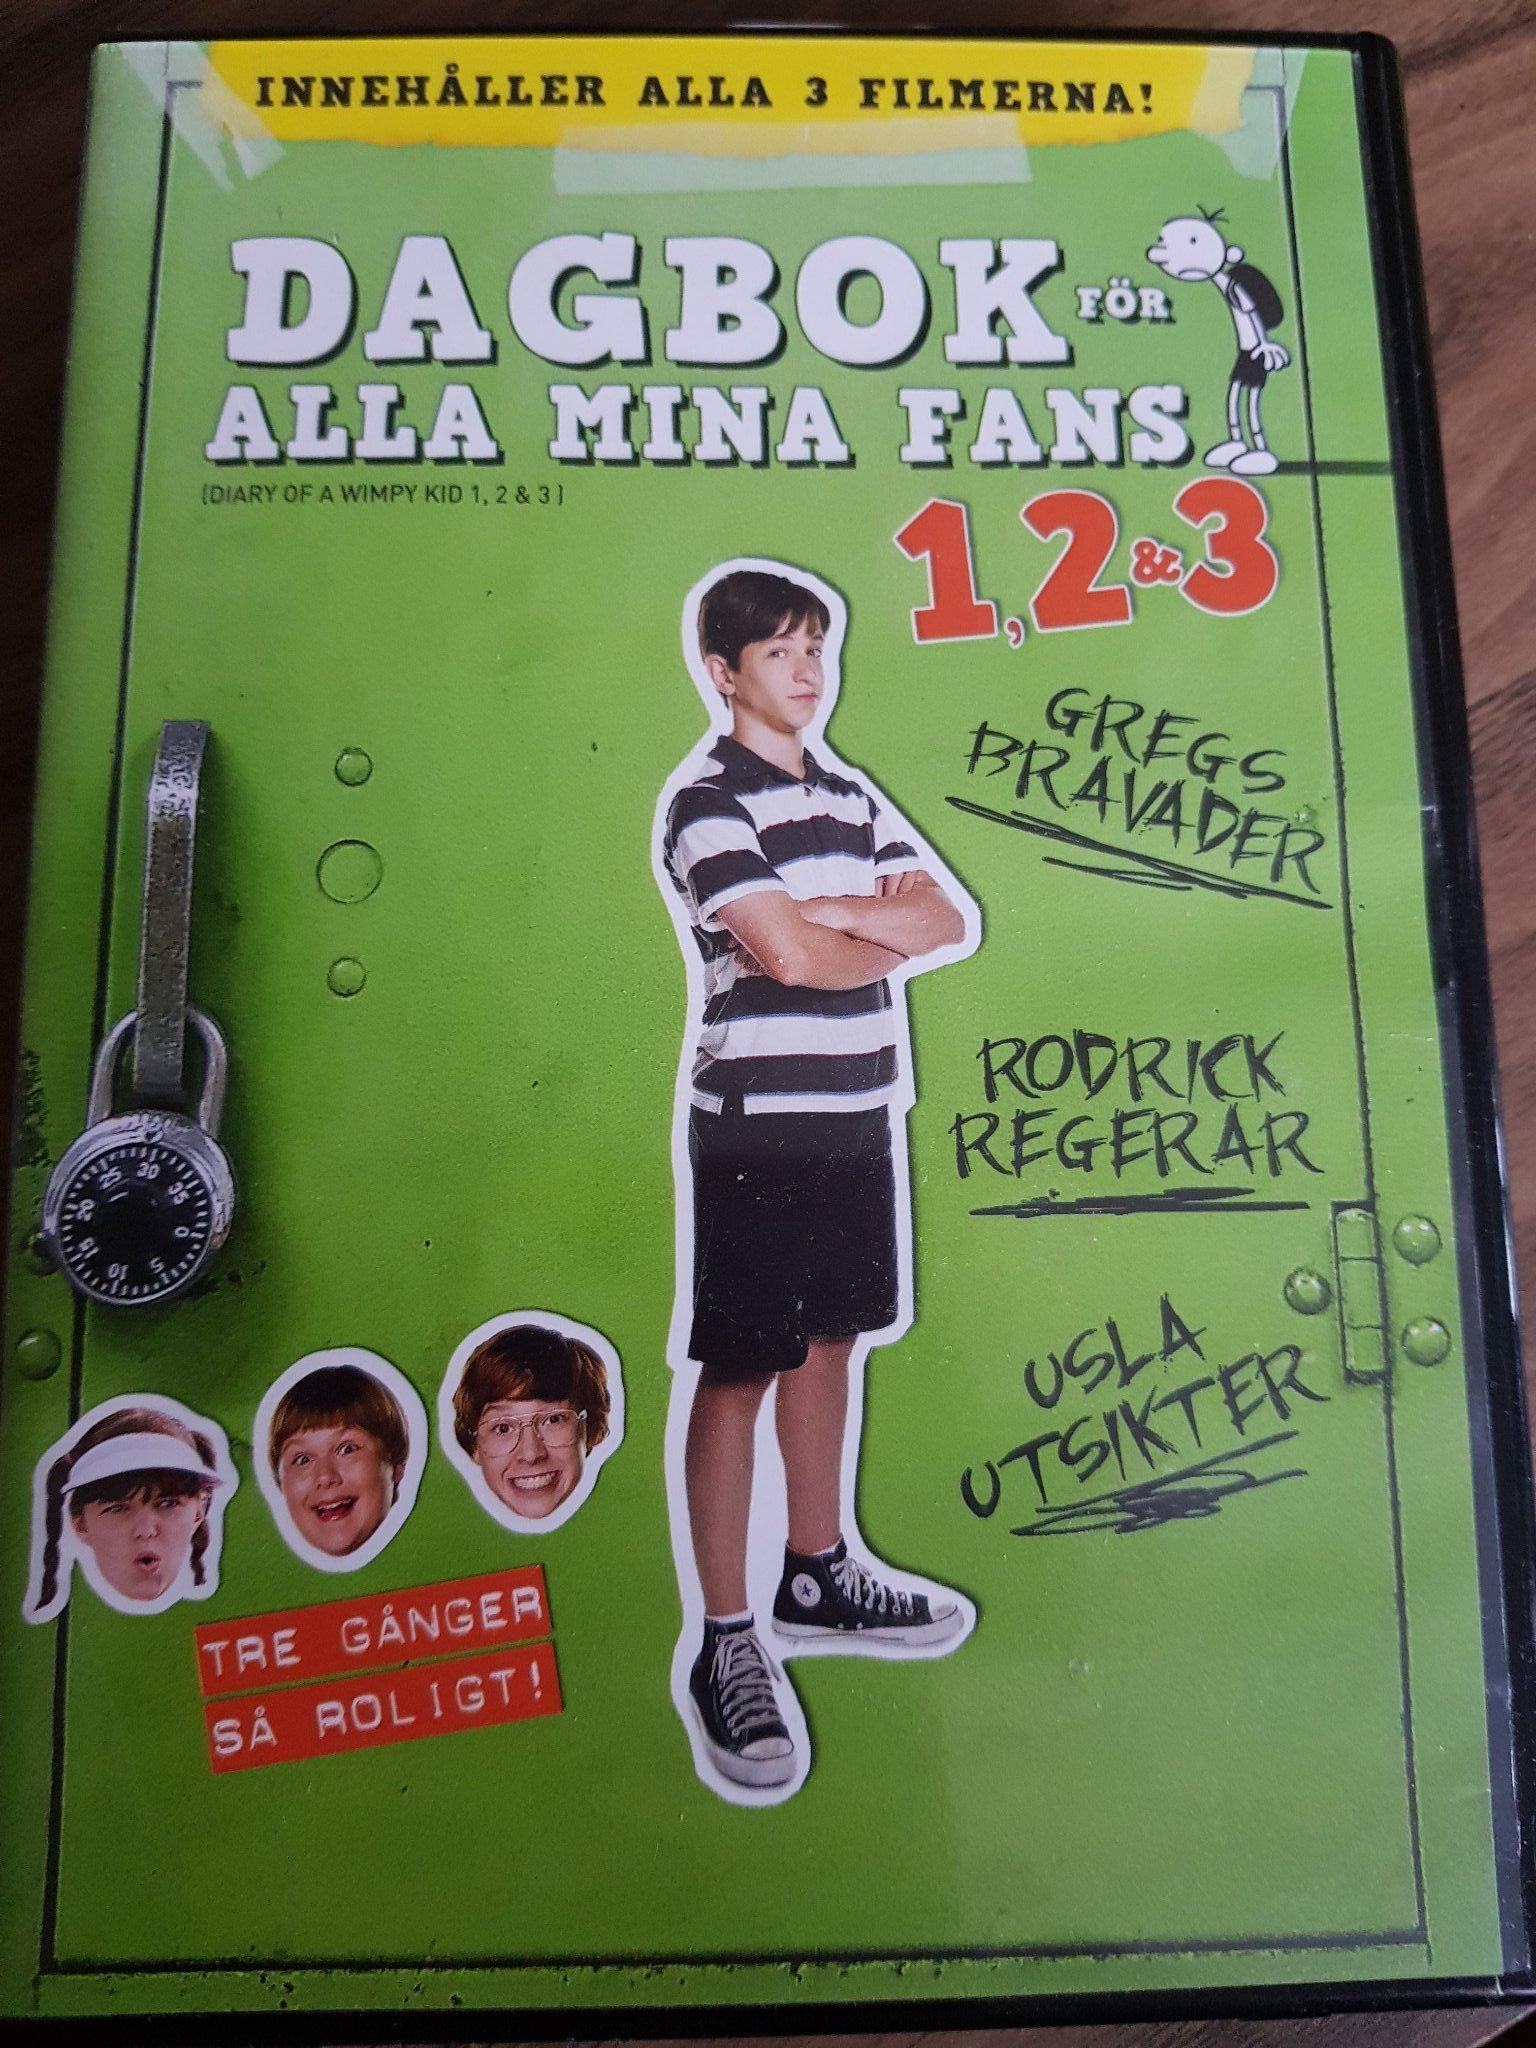 dagbok för alla mina fans film